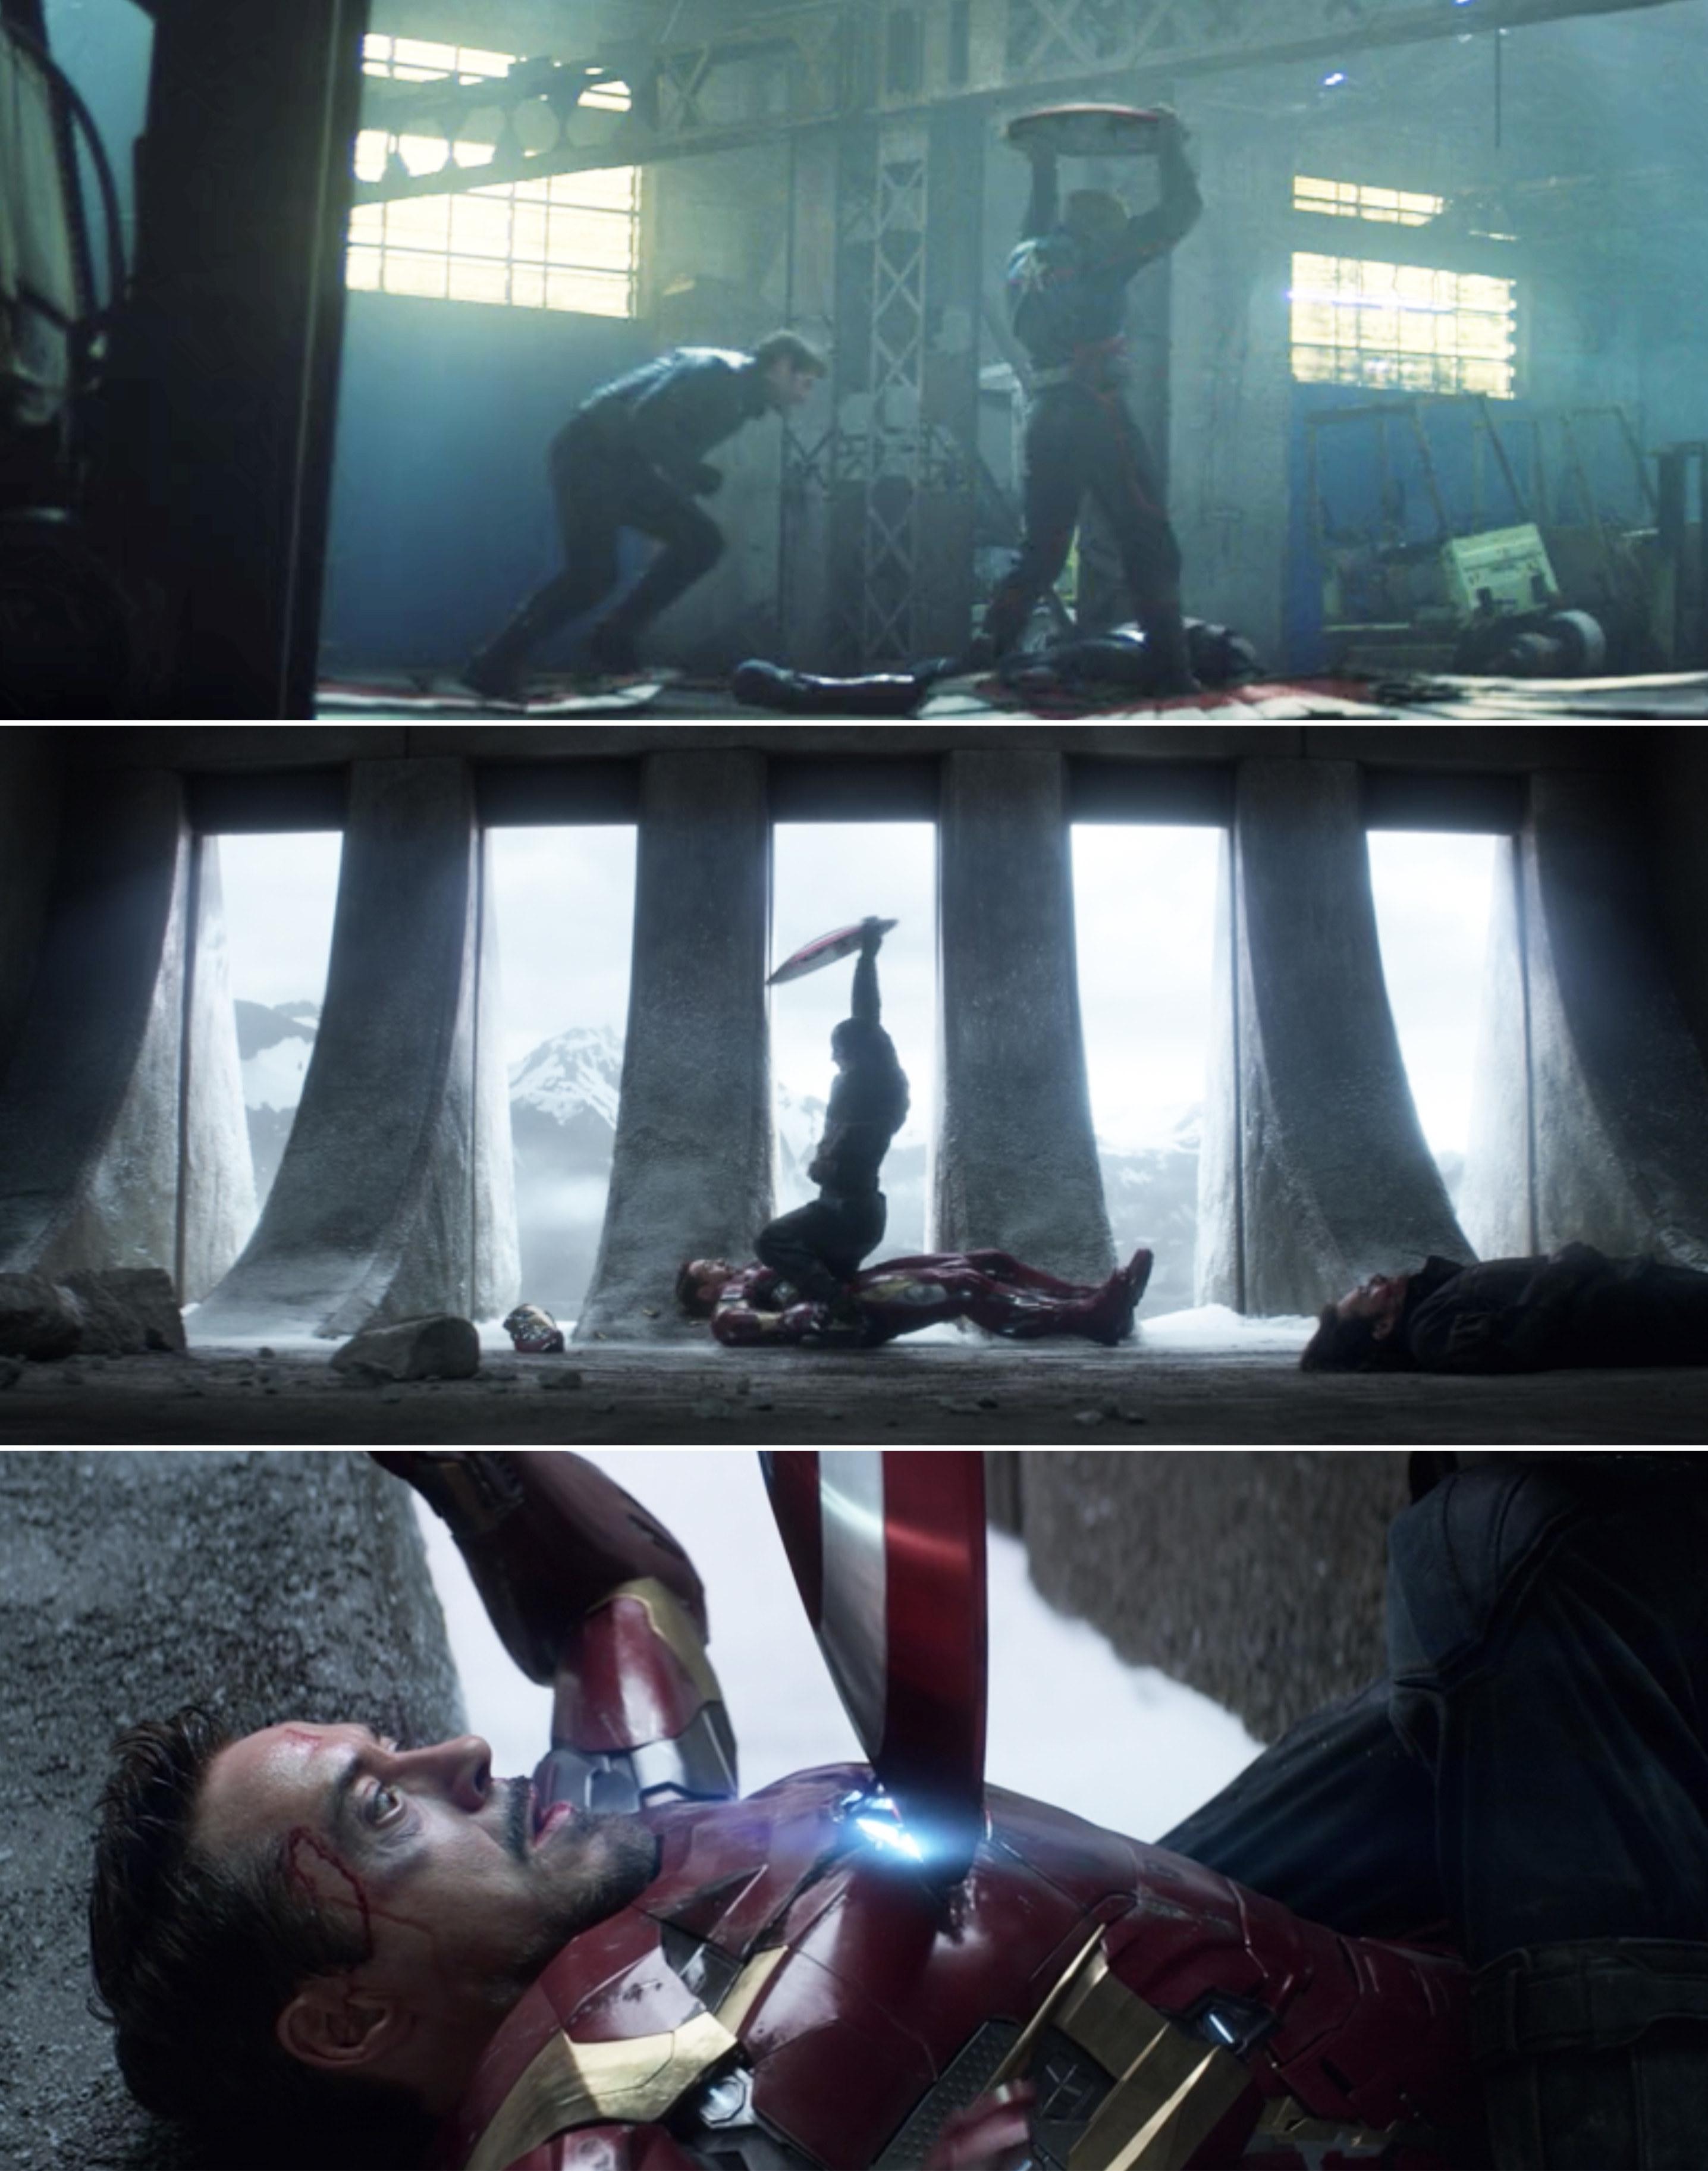 John holding the shield over his head vs. Steve doing the same